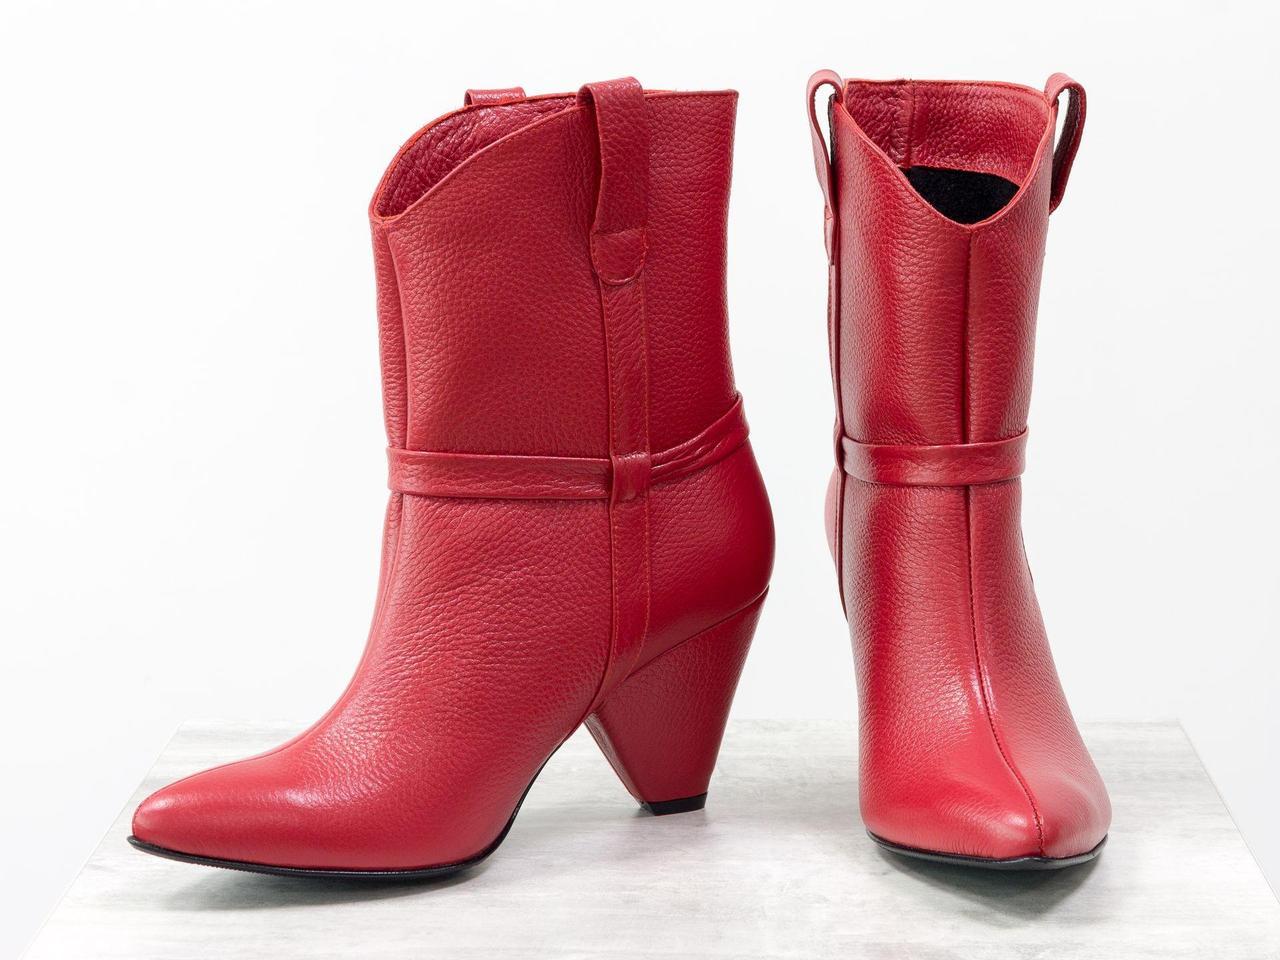 Стильные женские сапоги казаки из натуральной кожи флотар ярко-красного цвета